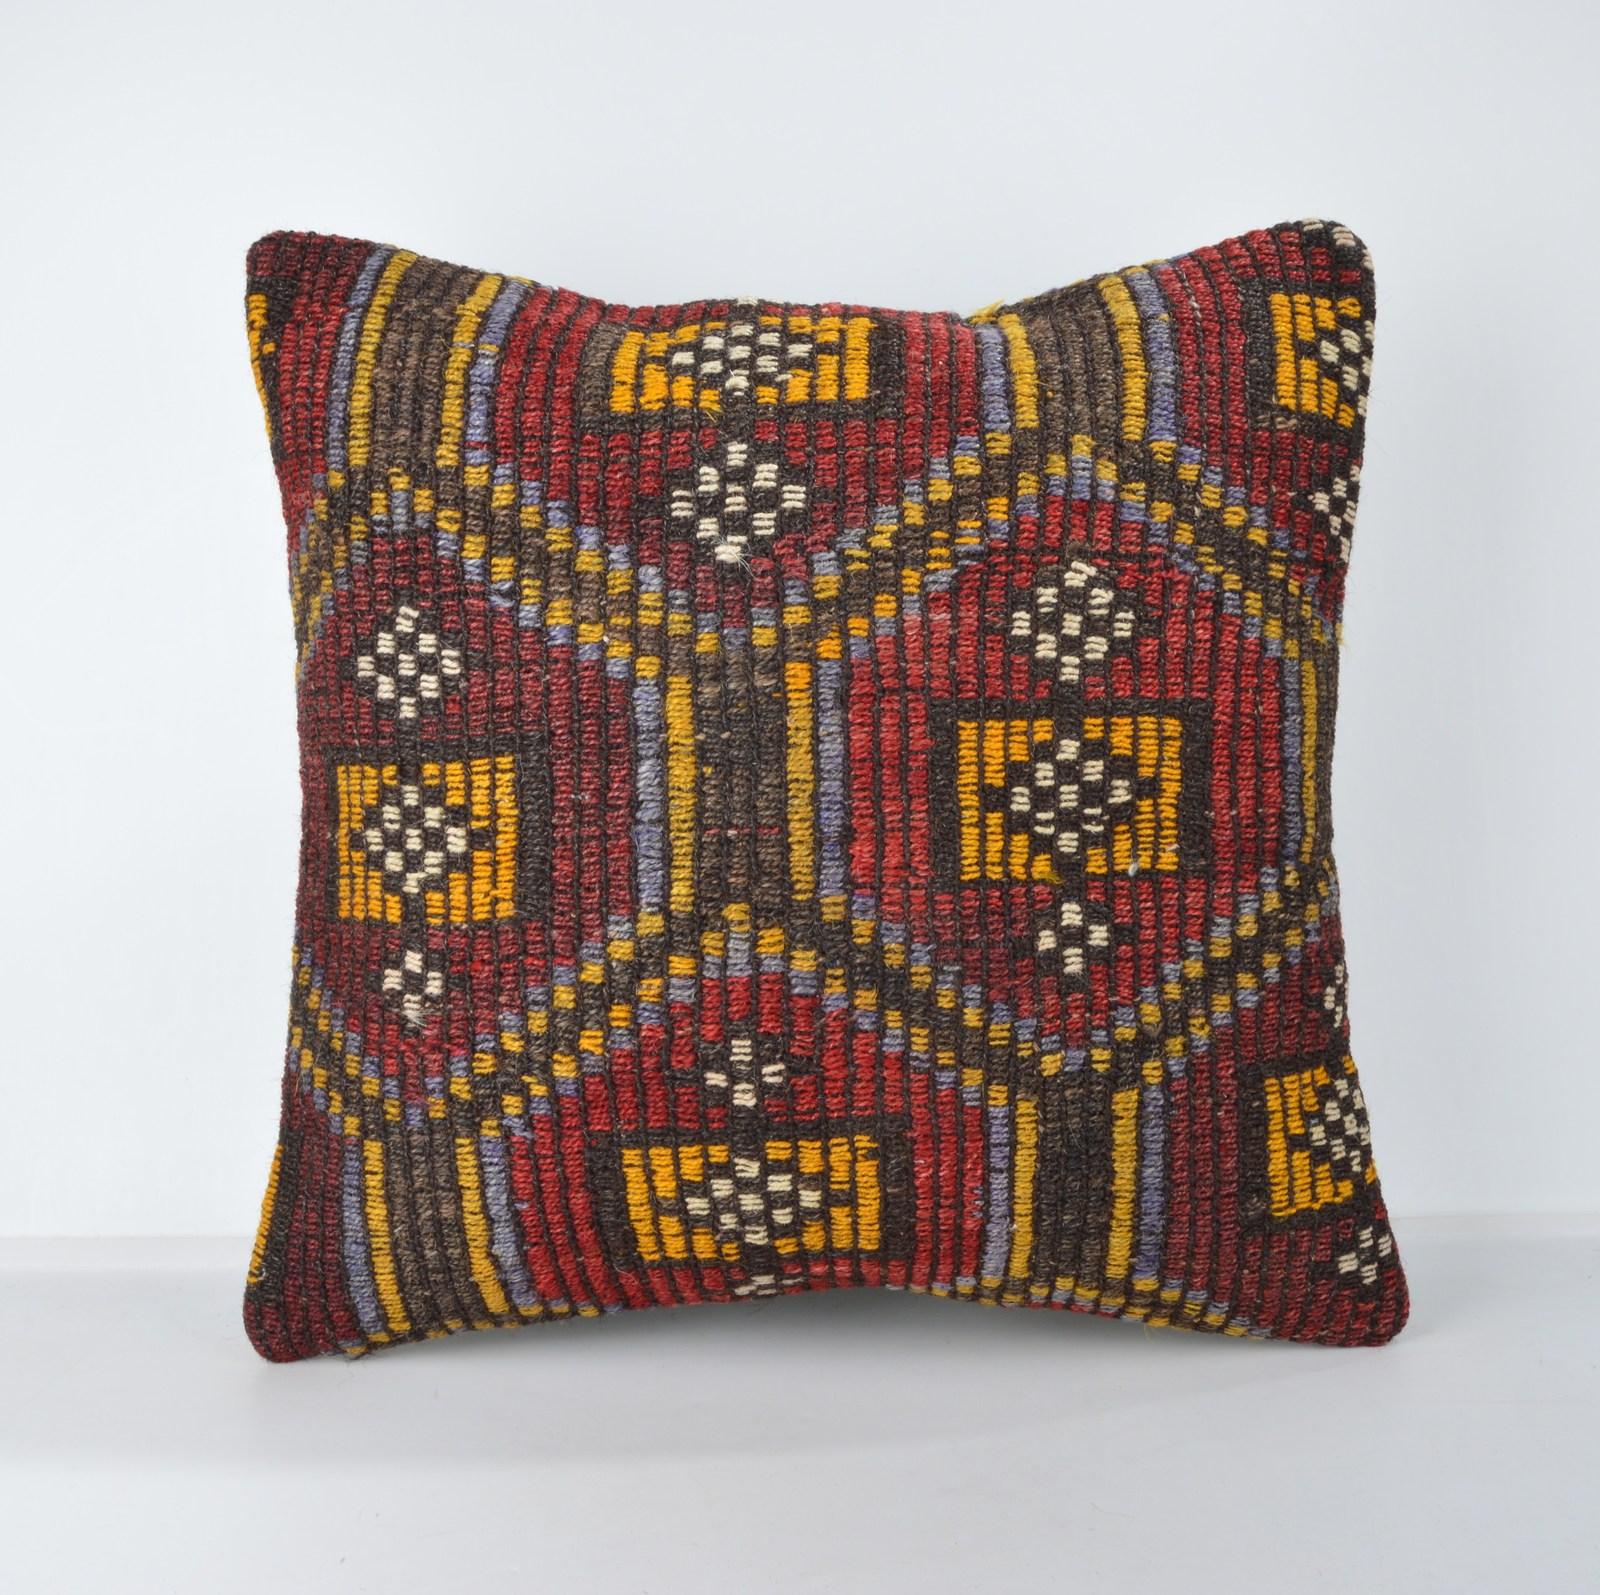 handmade cushion antique pillow  decorative throw pillow antique cushion 45X45 - $55.00